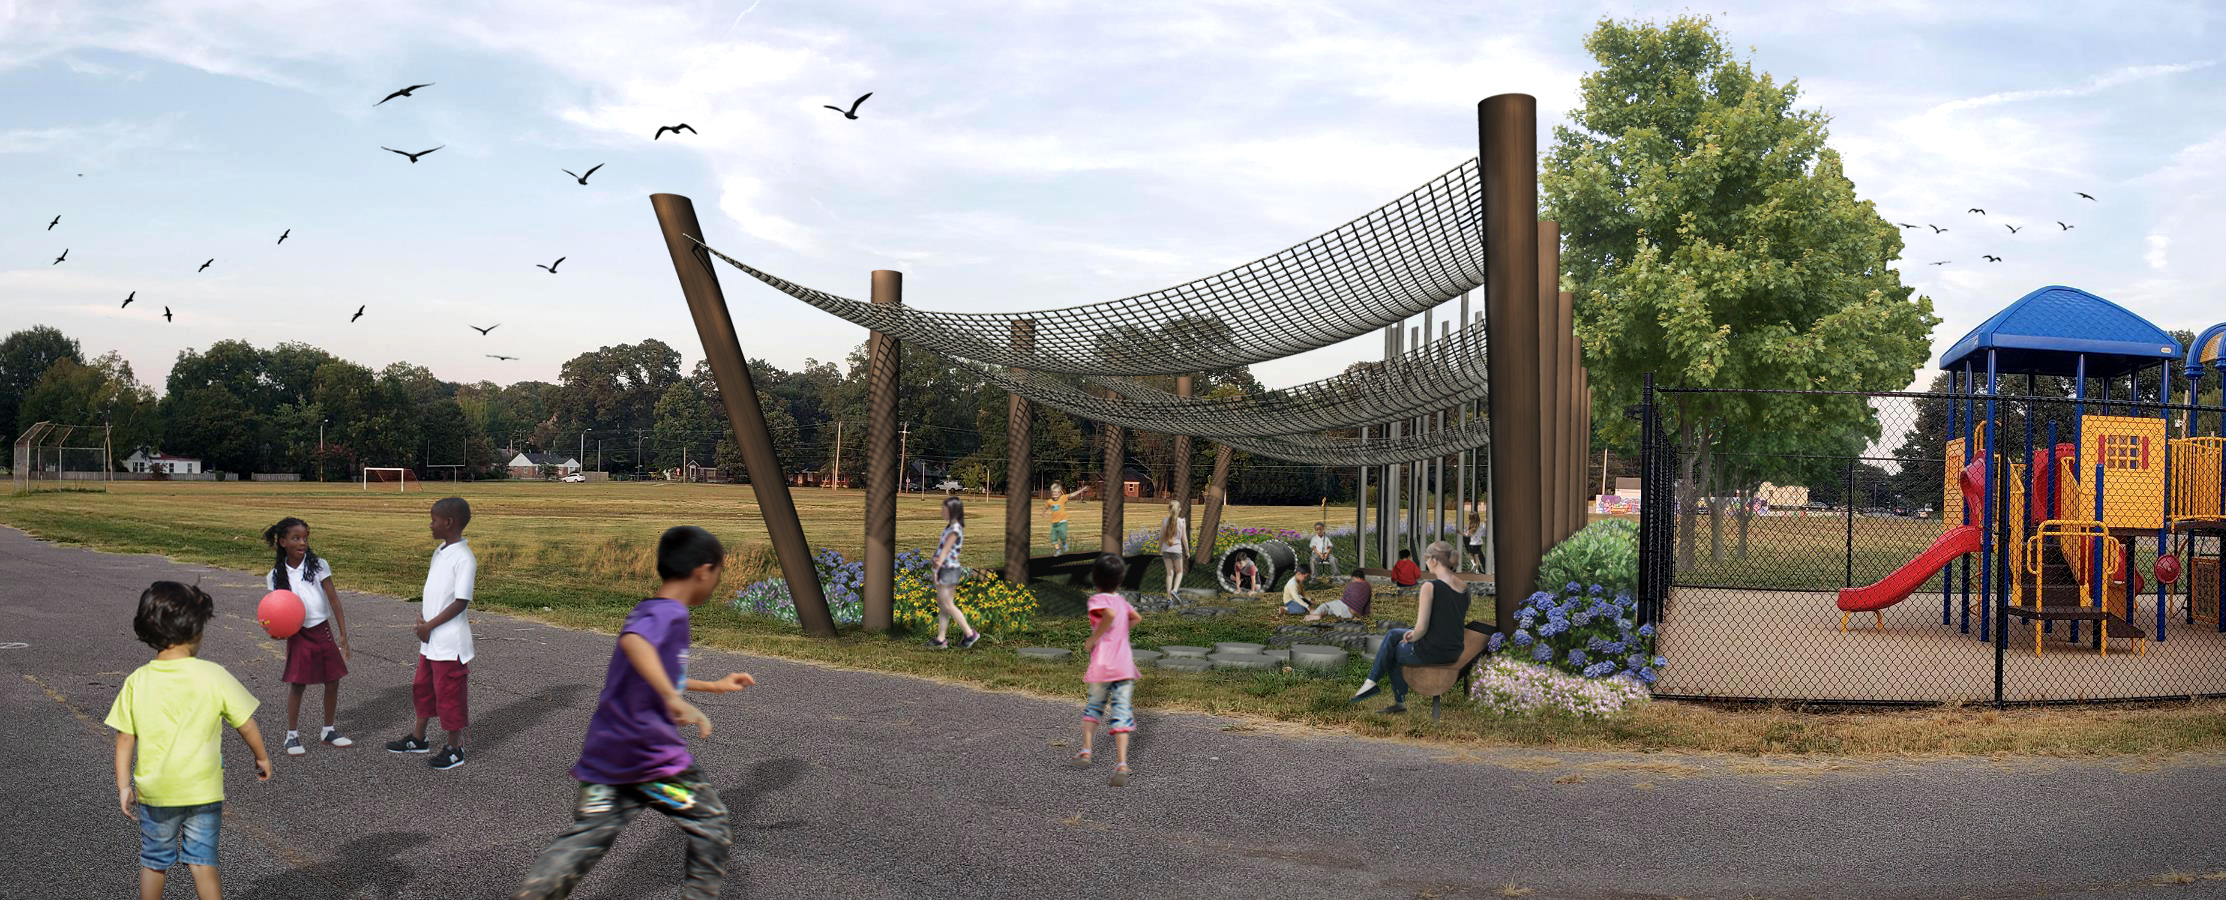 The Future Nature Playground!